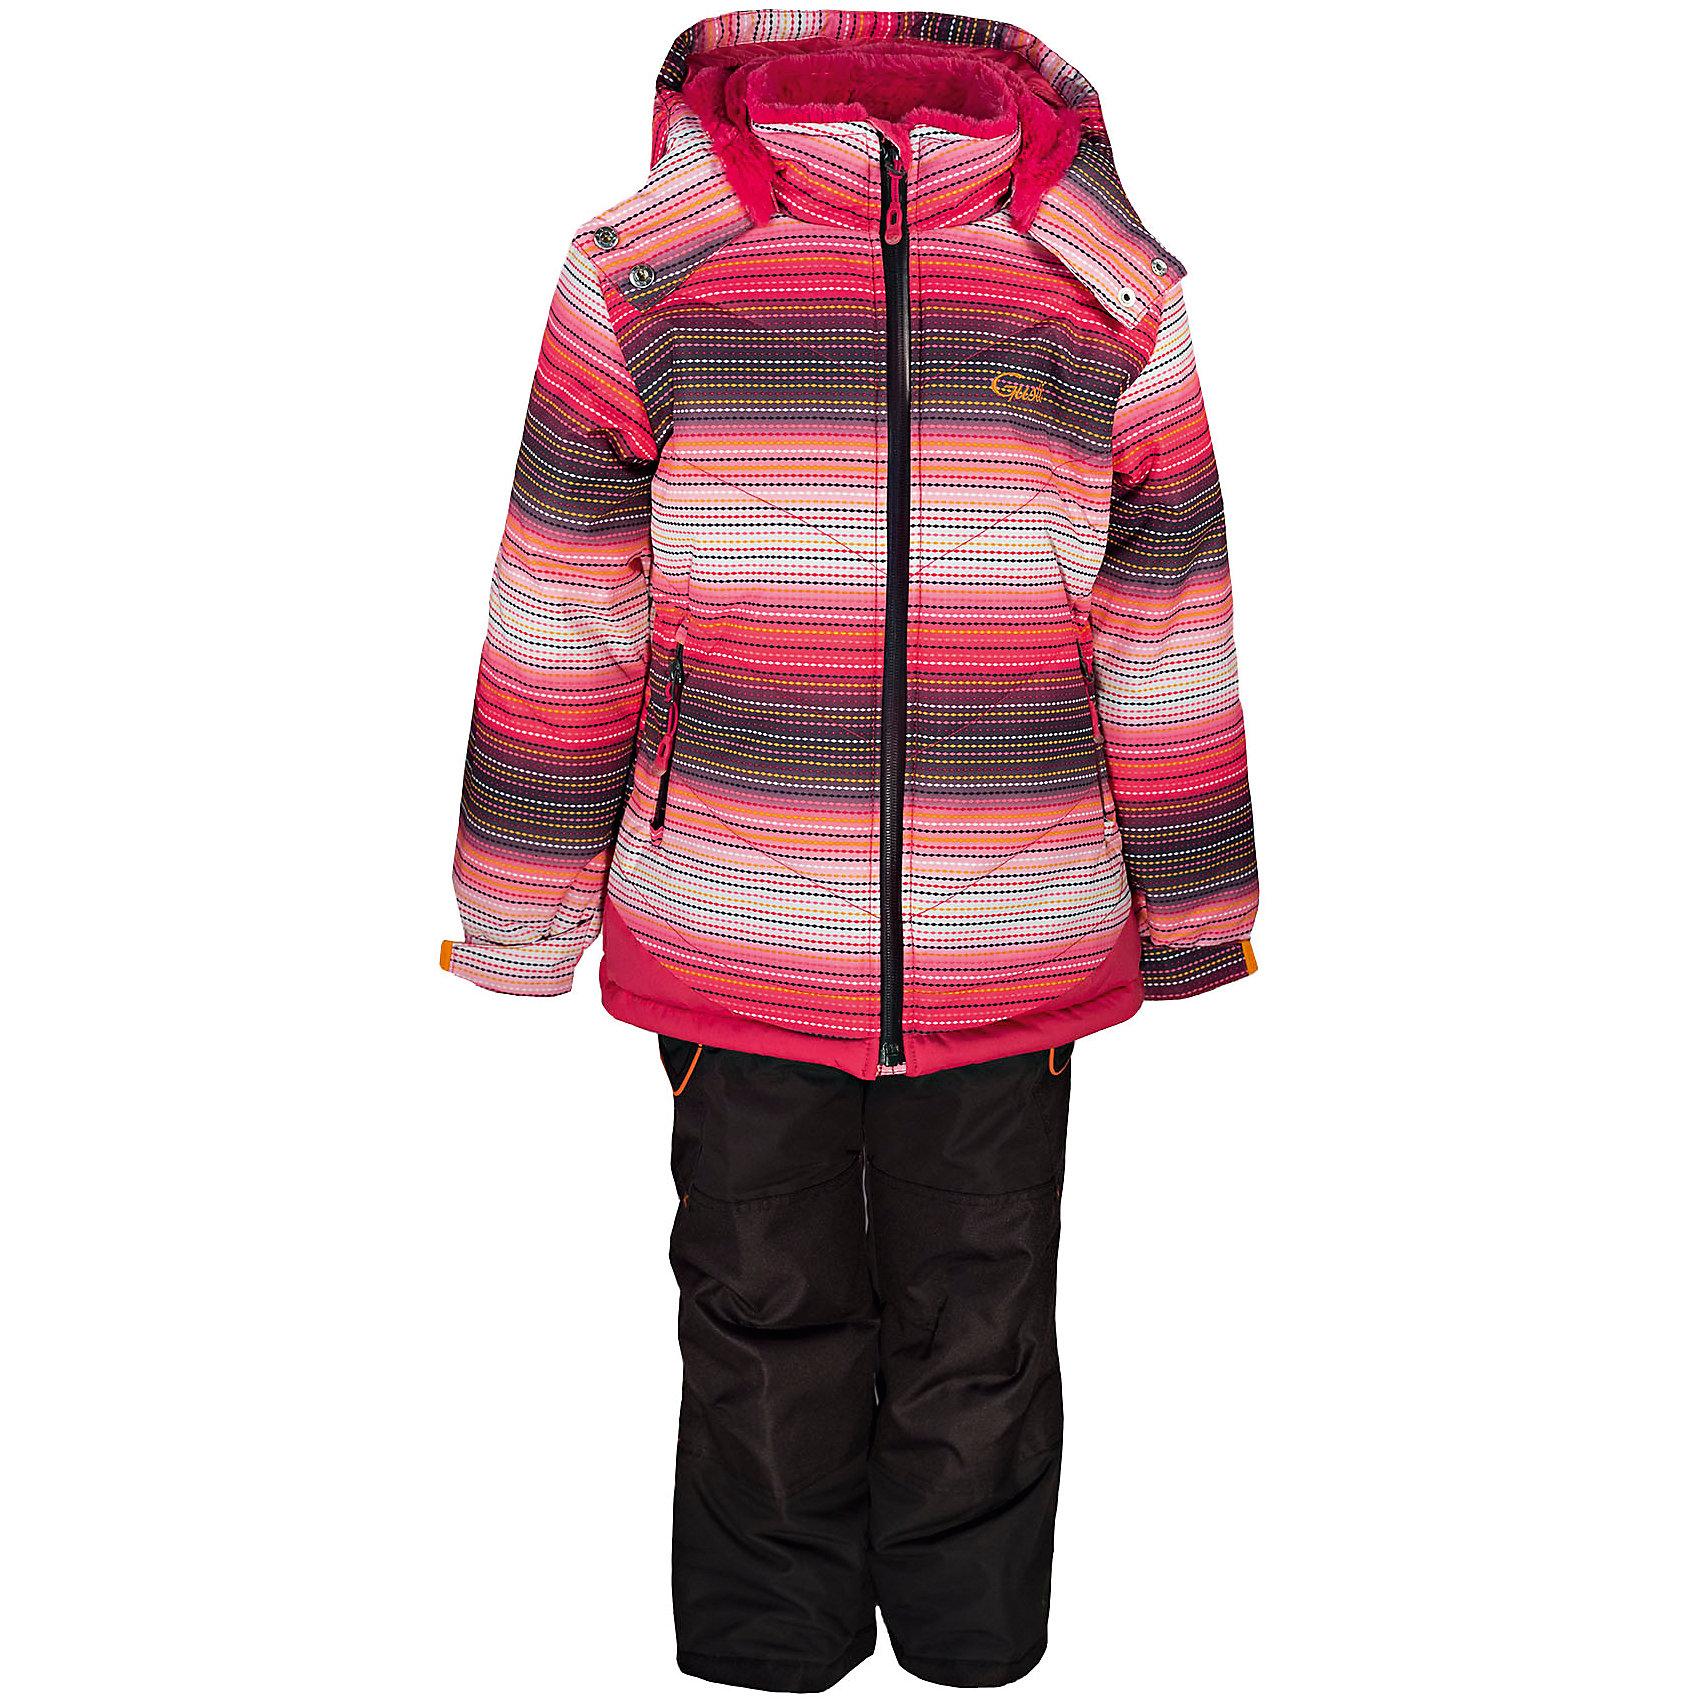 Комплект: куртка и полукомбинезон GUSTIВерхняя одежда<br>Комплект: куртка и полукомбинезон GUSTI (ГУСТИ) – это идеальный вариант для суровой зимы с сильными морозами.<br><br>Температурный режим: до -30  градусов. Степень утепления – высокая. <br><br>* Температурный режим указан приблизительно — необходимо, прежде всего, ориентироваться на ощущения ребенка. Температурный режим работает в случае соблюдения правила многослойности – использования флисовой поддевы и термобелья.<br><br>Комплект от GUSTI (ГУСТИ) состоит из куртки и полукомбинезона, выполненных из плотного непромокаемого материала с защитной от влаги мембраной 5000 мм. Тань хорошо сохраняет тепло, отталкивает влагу и позволяет коже ребенка дышать. Утеплитель из тек-полифилла и флисовая внутренняя отделка на груди и на спинке дают возможность использовать комплект при очень низких температурах. Куртка застегивается на молнию, имеет два боковых кармана на застежках-молниях, снегозащитную юбку, трикотажные манжеты в рукавах, высокий ворот с защитой подбородка, отстёгивающийся капюшон с подкладкой из искусственного меха. Низ рукавов регулируется с помощью липучек. Полукомбинезон застегивается на молнию, имеет накладной карман с клапаном на липучке, регулируемые лямки, снегозащитные гетры. Длина брючин регулируется (отворот с креплением на липе). Сзади, на коленях, и по низу брючин имеется дополнительный слой ткани Cordura Oxford (сверхстойкий полиэстер). До размера 6х (120 см.) у полукомбинезона высокая грудка, в размерах 7 (122 см.) - 14 (164см) отстегивающаяся спинка, грудки нет. Модель подходит для прогулок на морозе до -30 градусов.<br><br>Дополнительная информация:<br><br>- Сезон: зима<br>- Пол: девочка<br>- Цвет: розовый, черный, серый<br>- Узор: полоска<br>- Температурный режим до -30 градусов<br>- Материал верха: куртка - shuss 5000мм (100% полиэстер); брюки - taslan 5000мм, накладки Cordura Oxford сзади, на коленях, и по низу брючин<br>- Наполнитель: куртка - тек-полифилл плотностью 283 гр/м (10 унций)